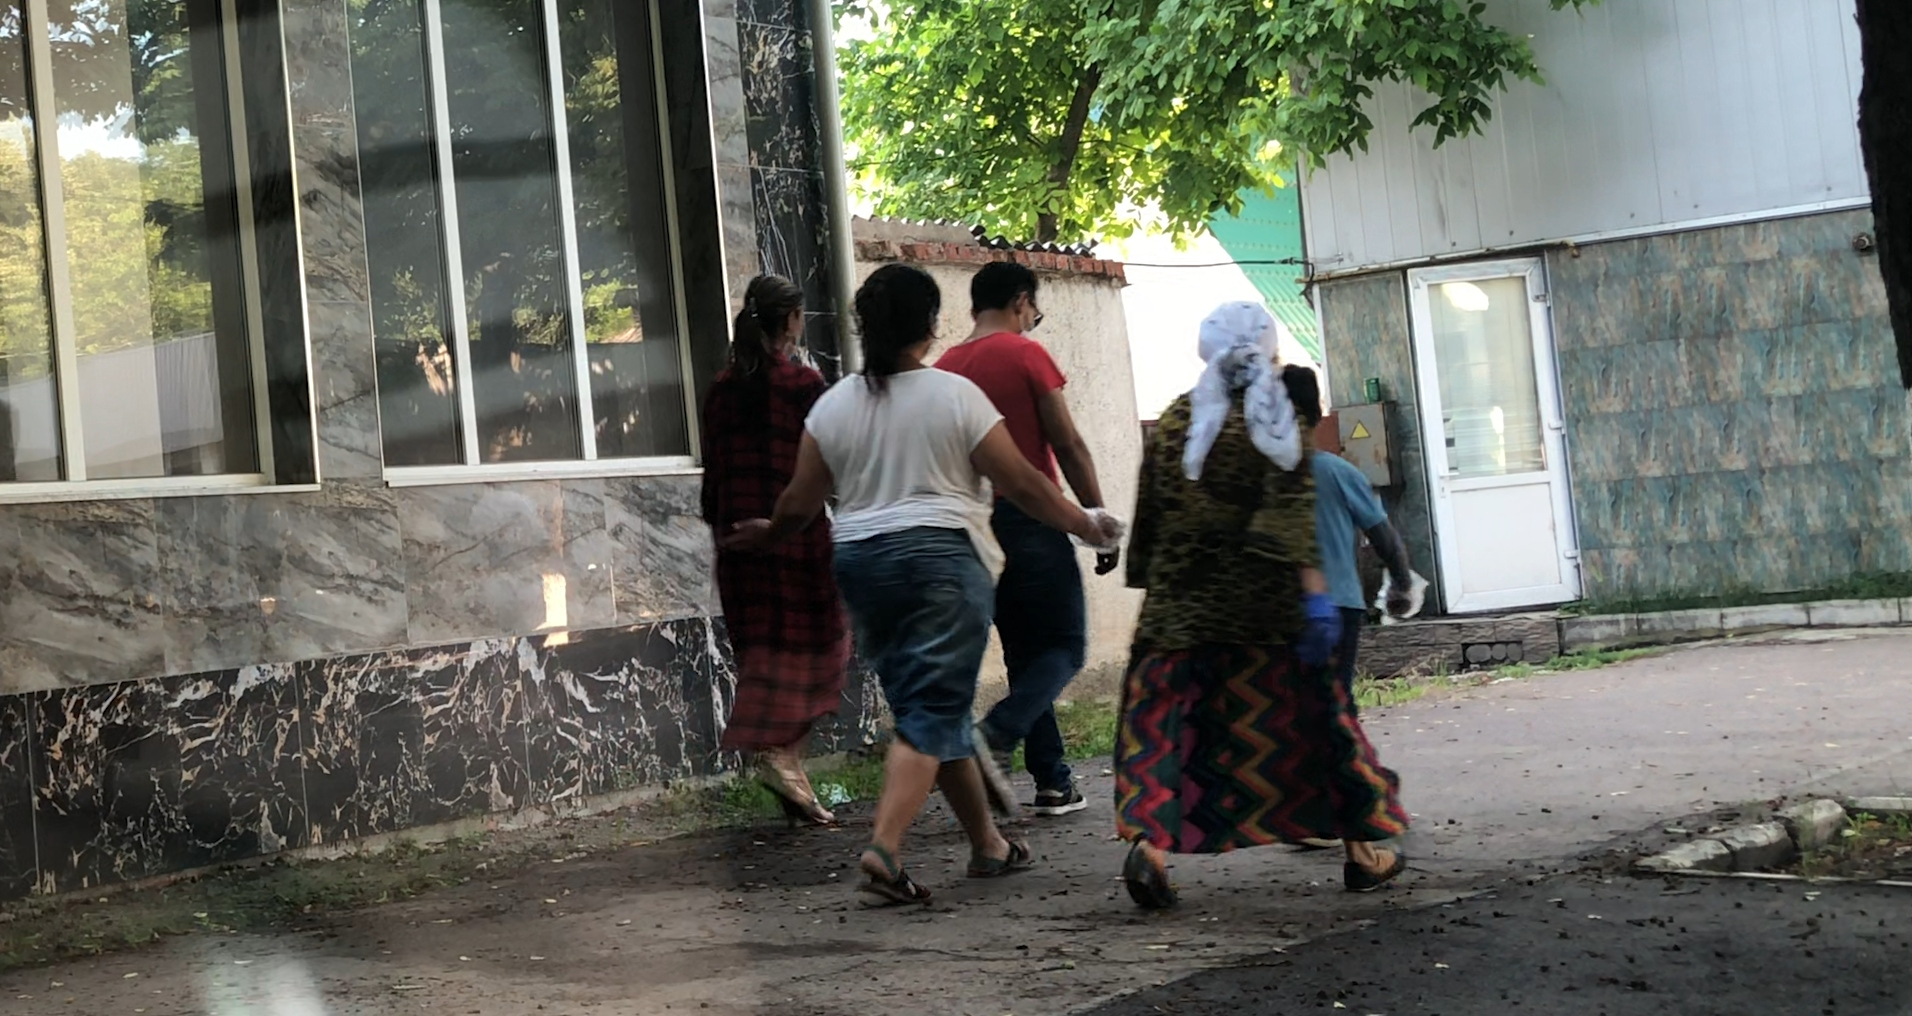 O familie de romi pe străzile din Soroca. FOTO: ANA SÂRBU